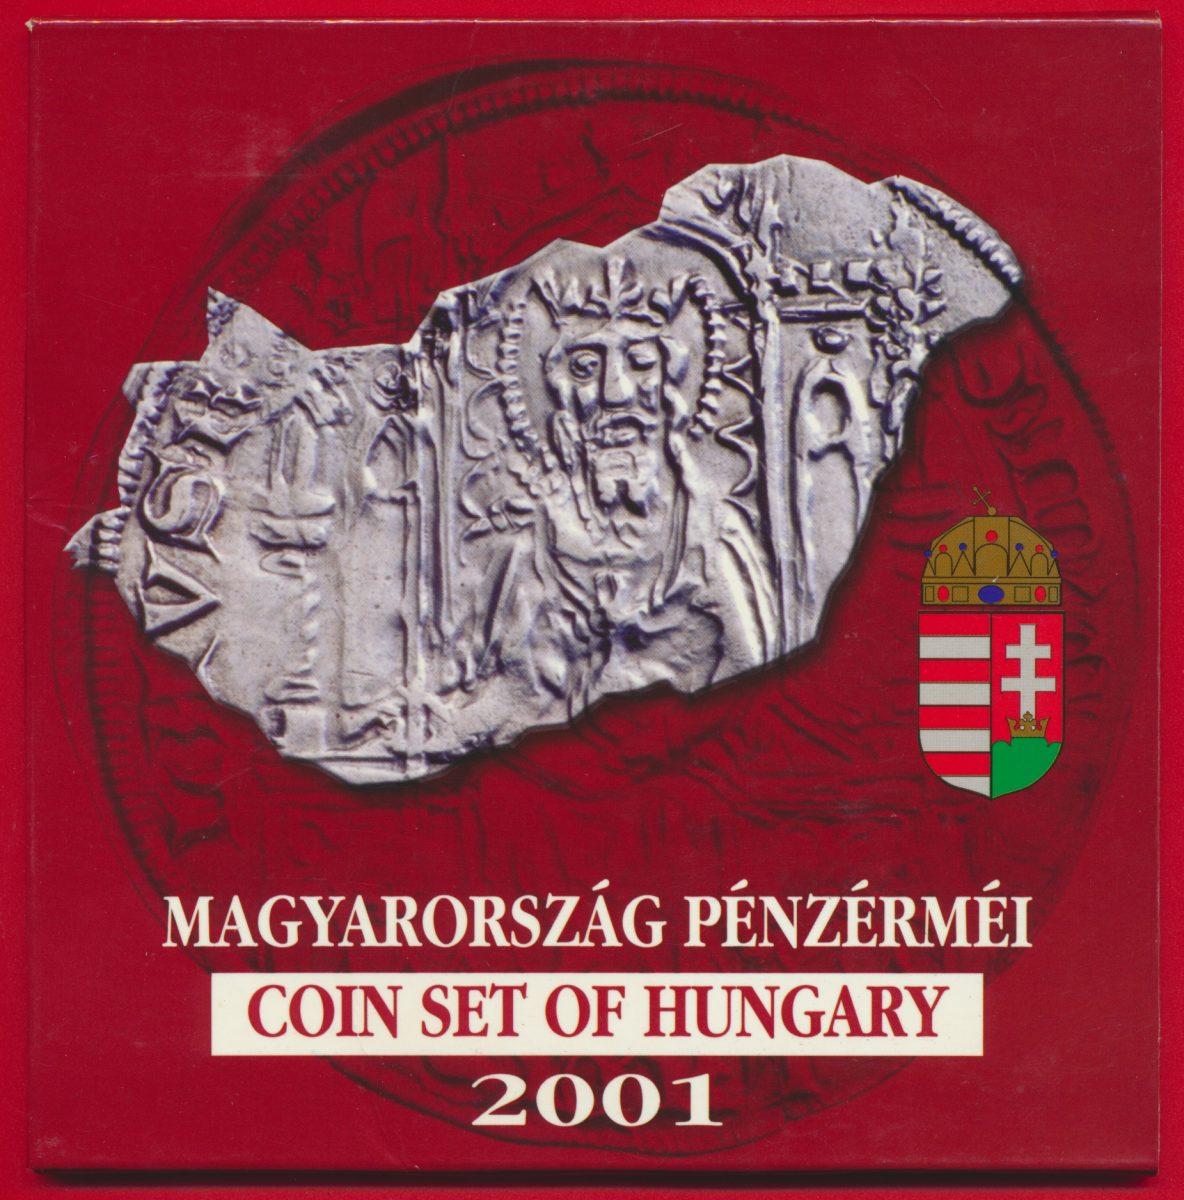 set-coin-hongrie-hungary-2001-magyarirszag-penzermei